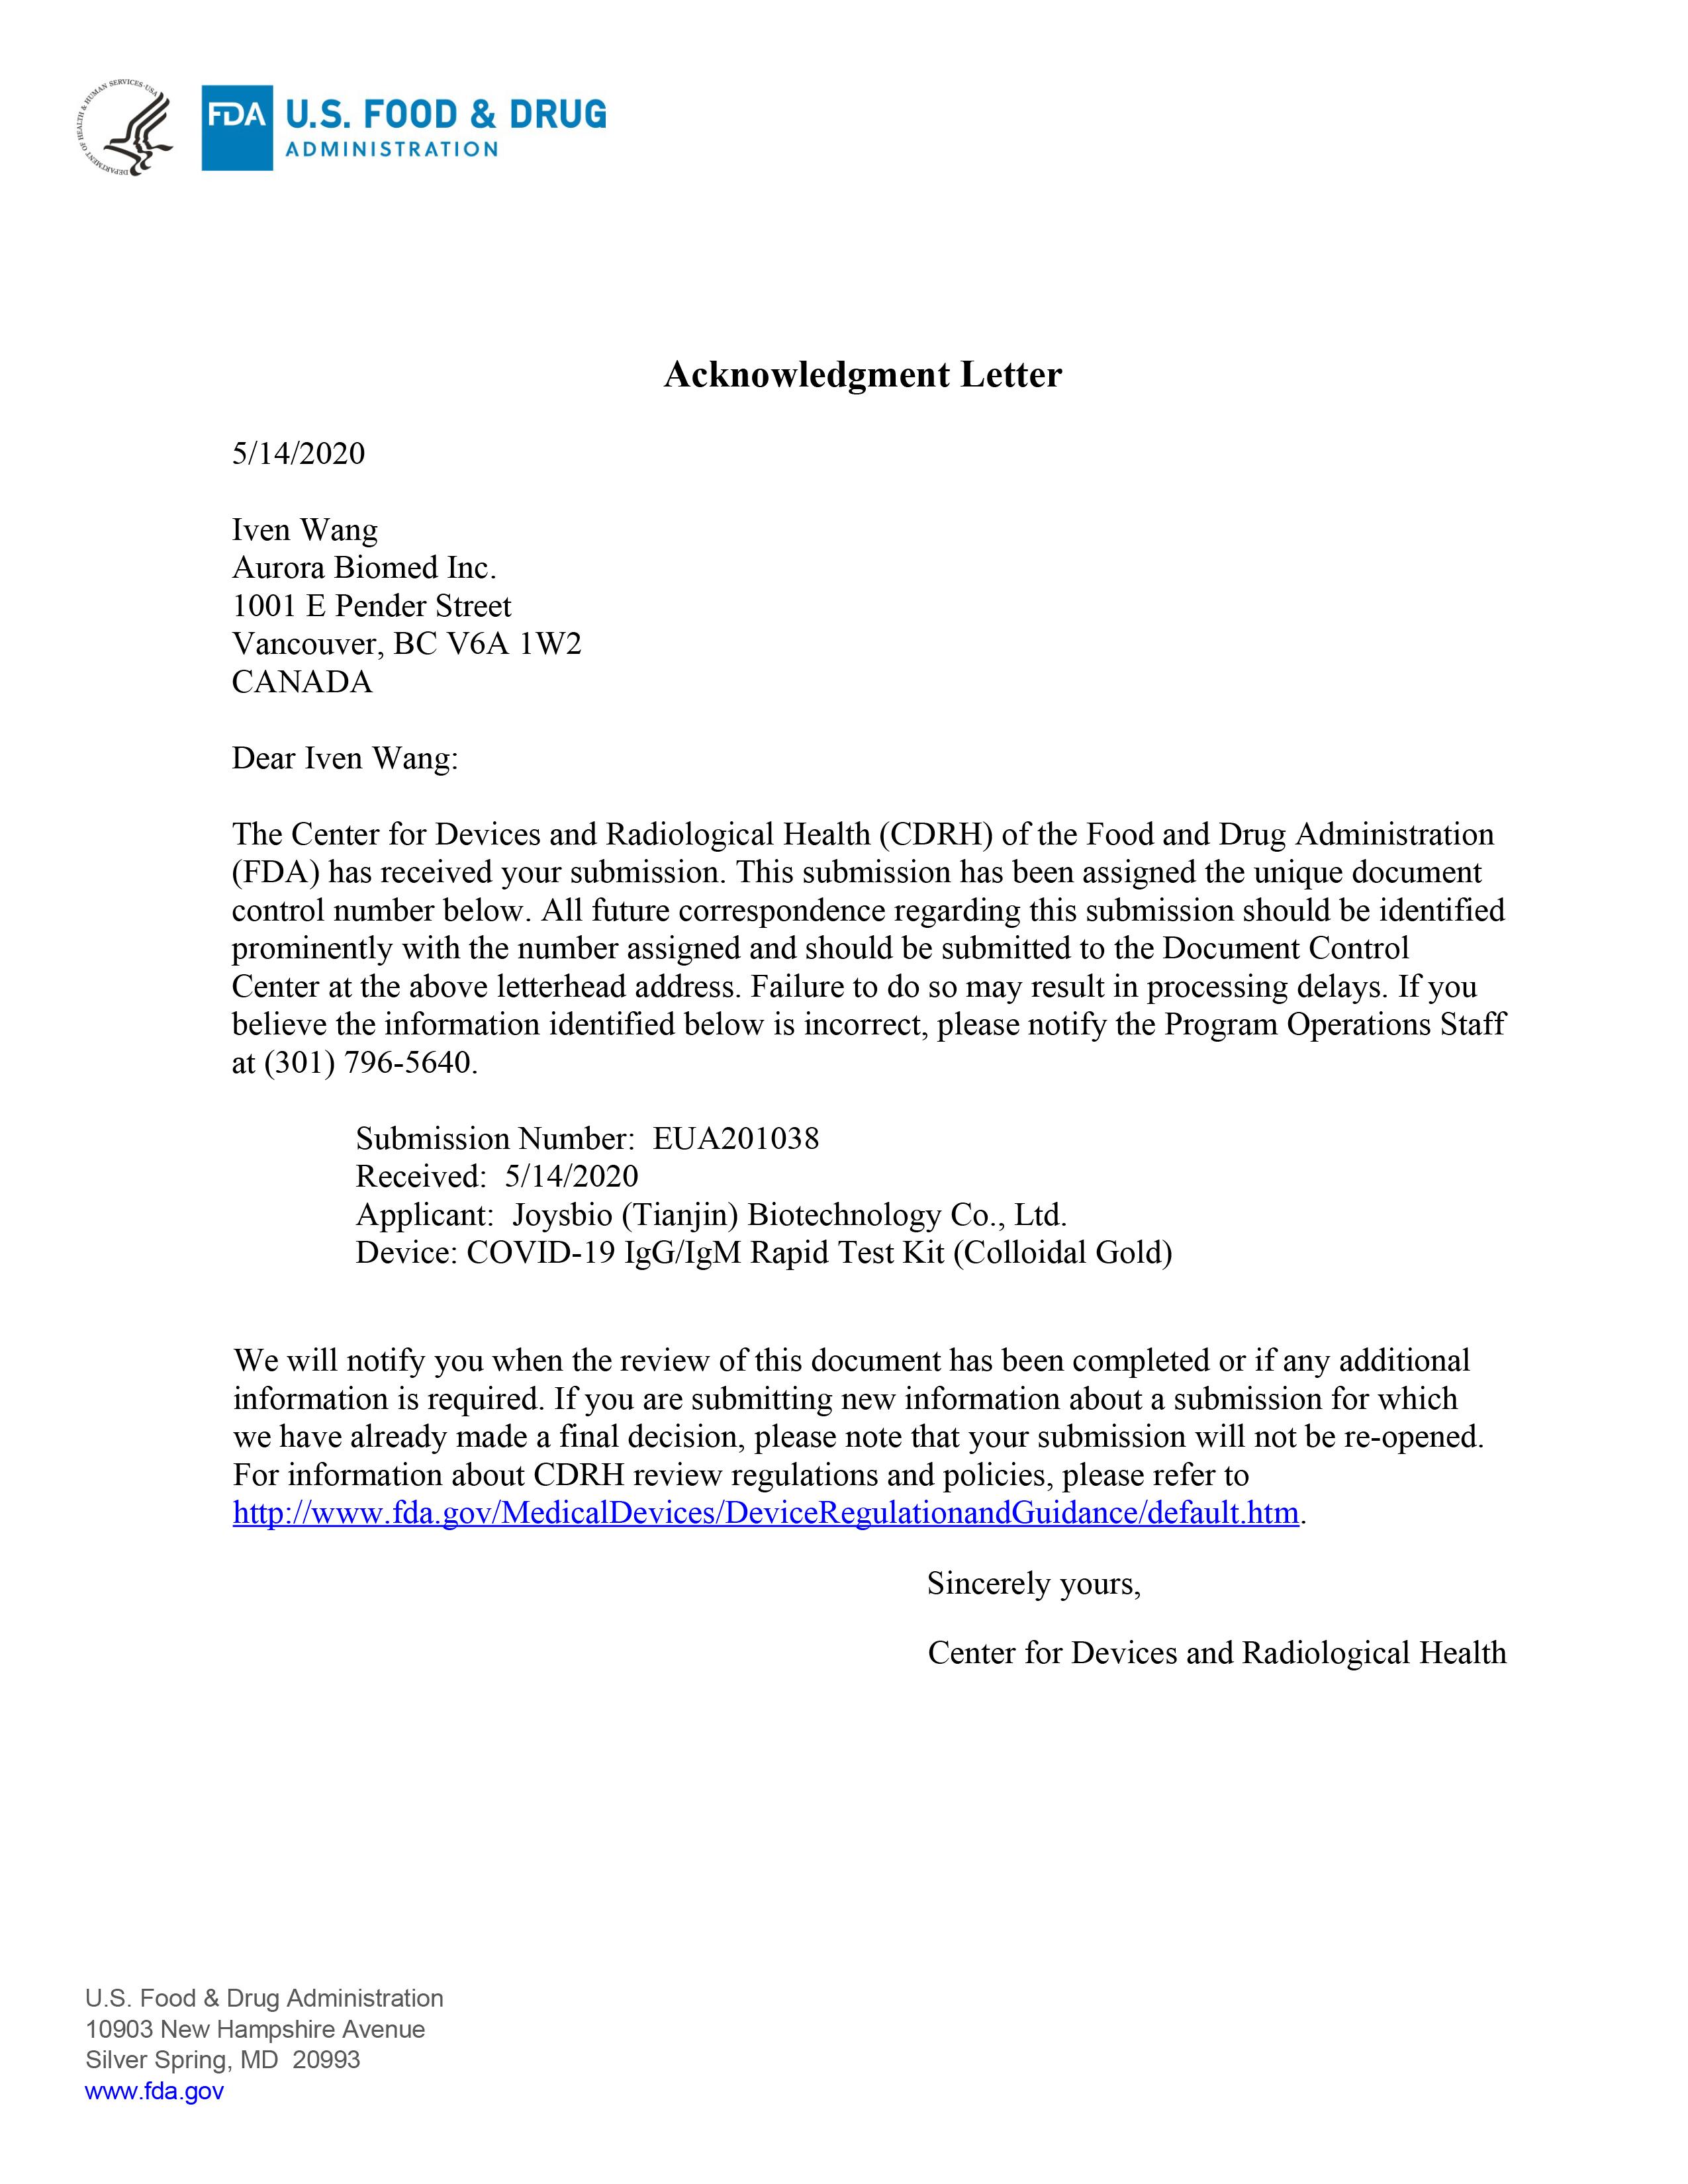 FDA-EUA注册申请回执